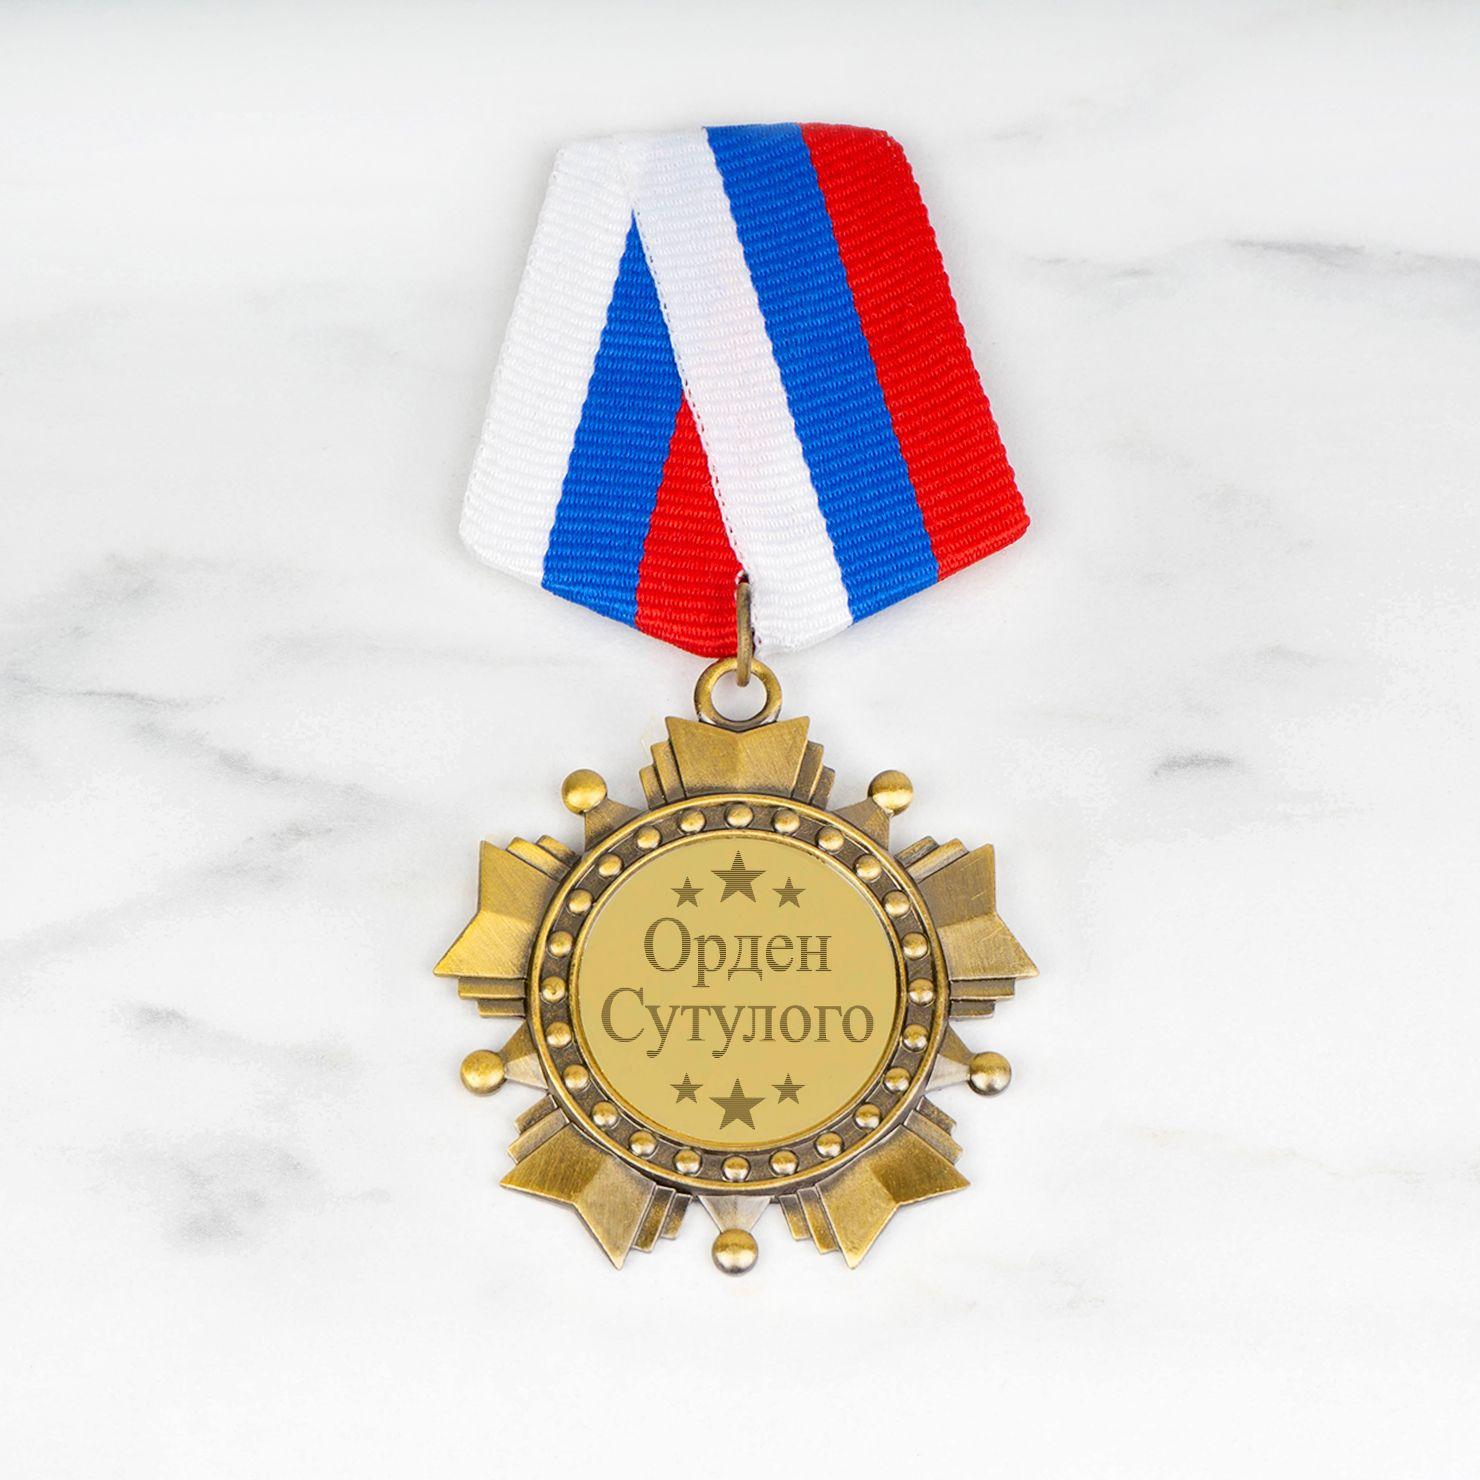 Орден *Сутулого*